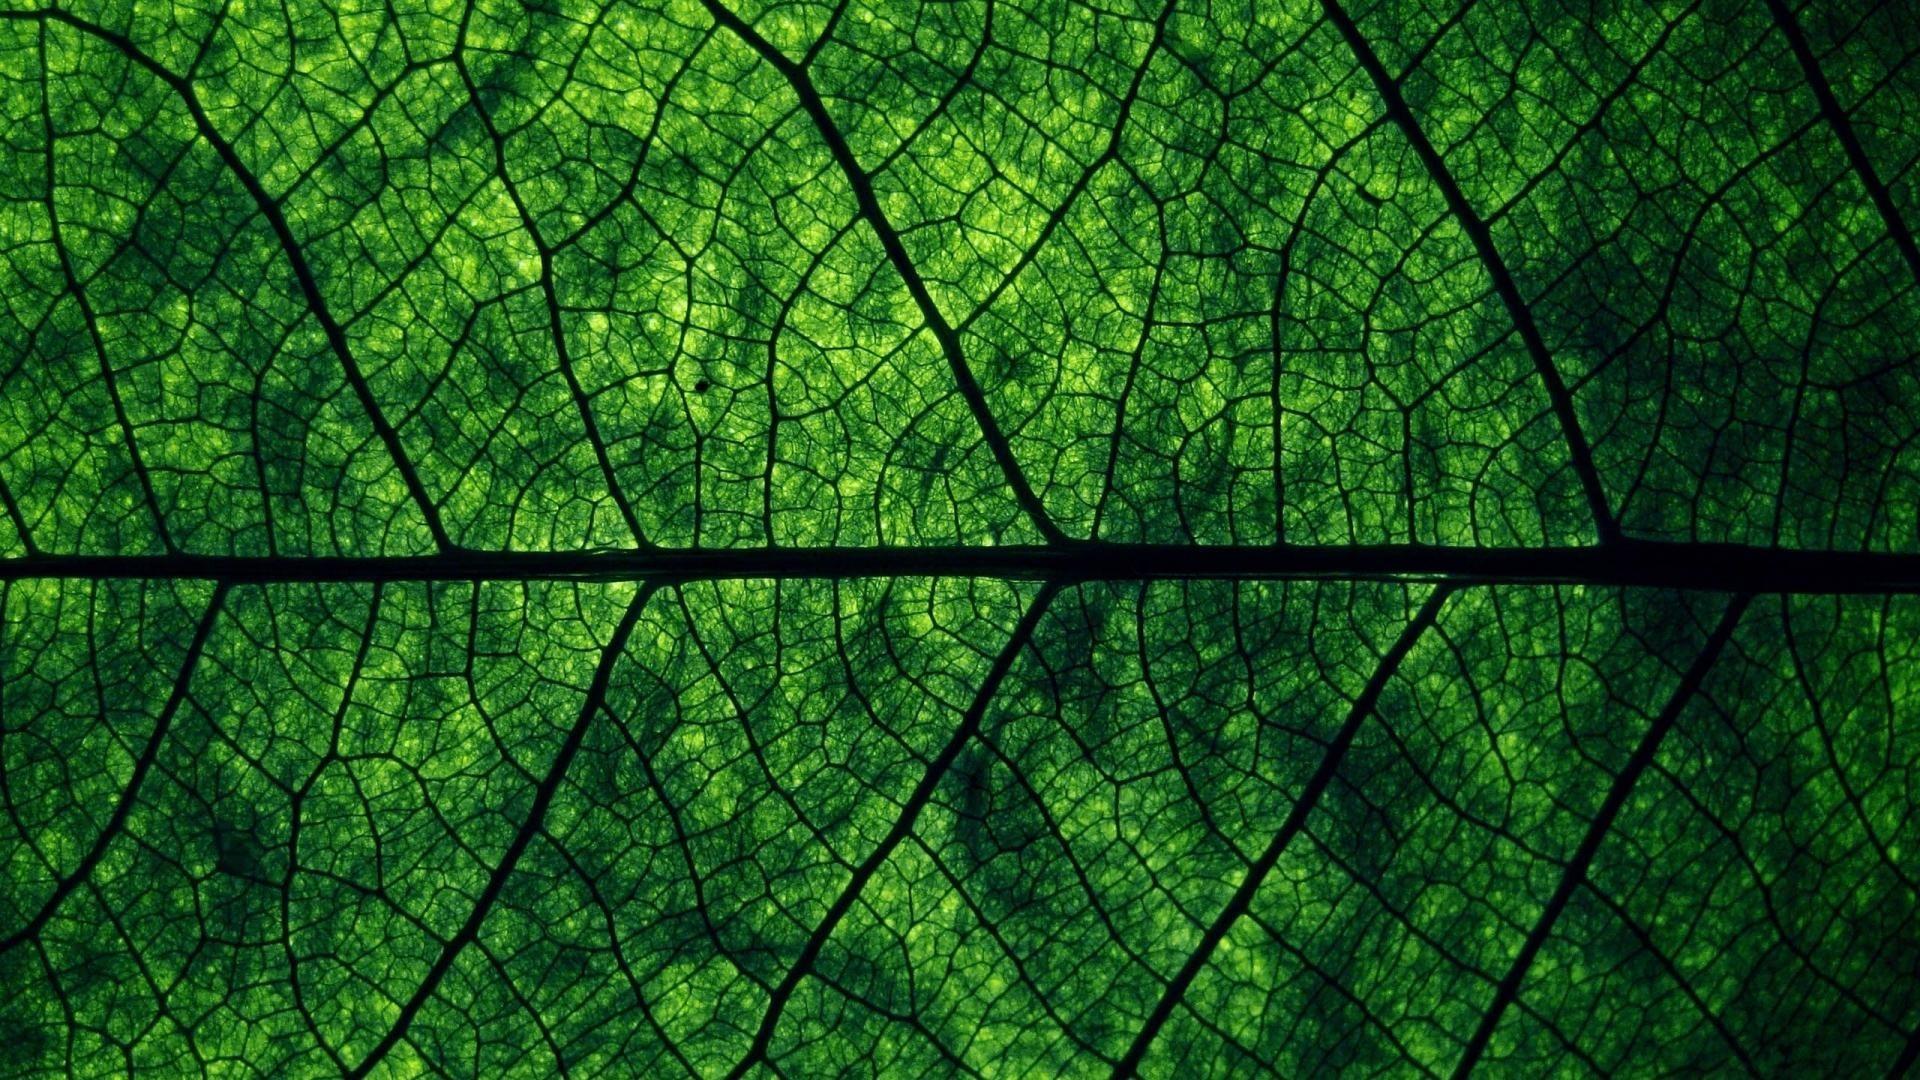 Leaves Macro 39021 1680x1050 px